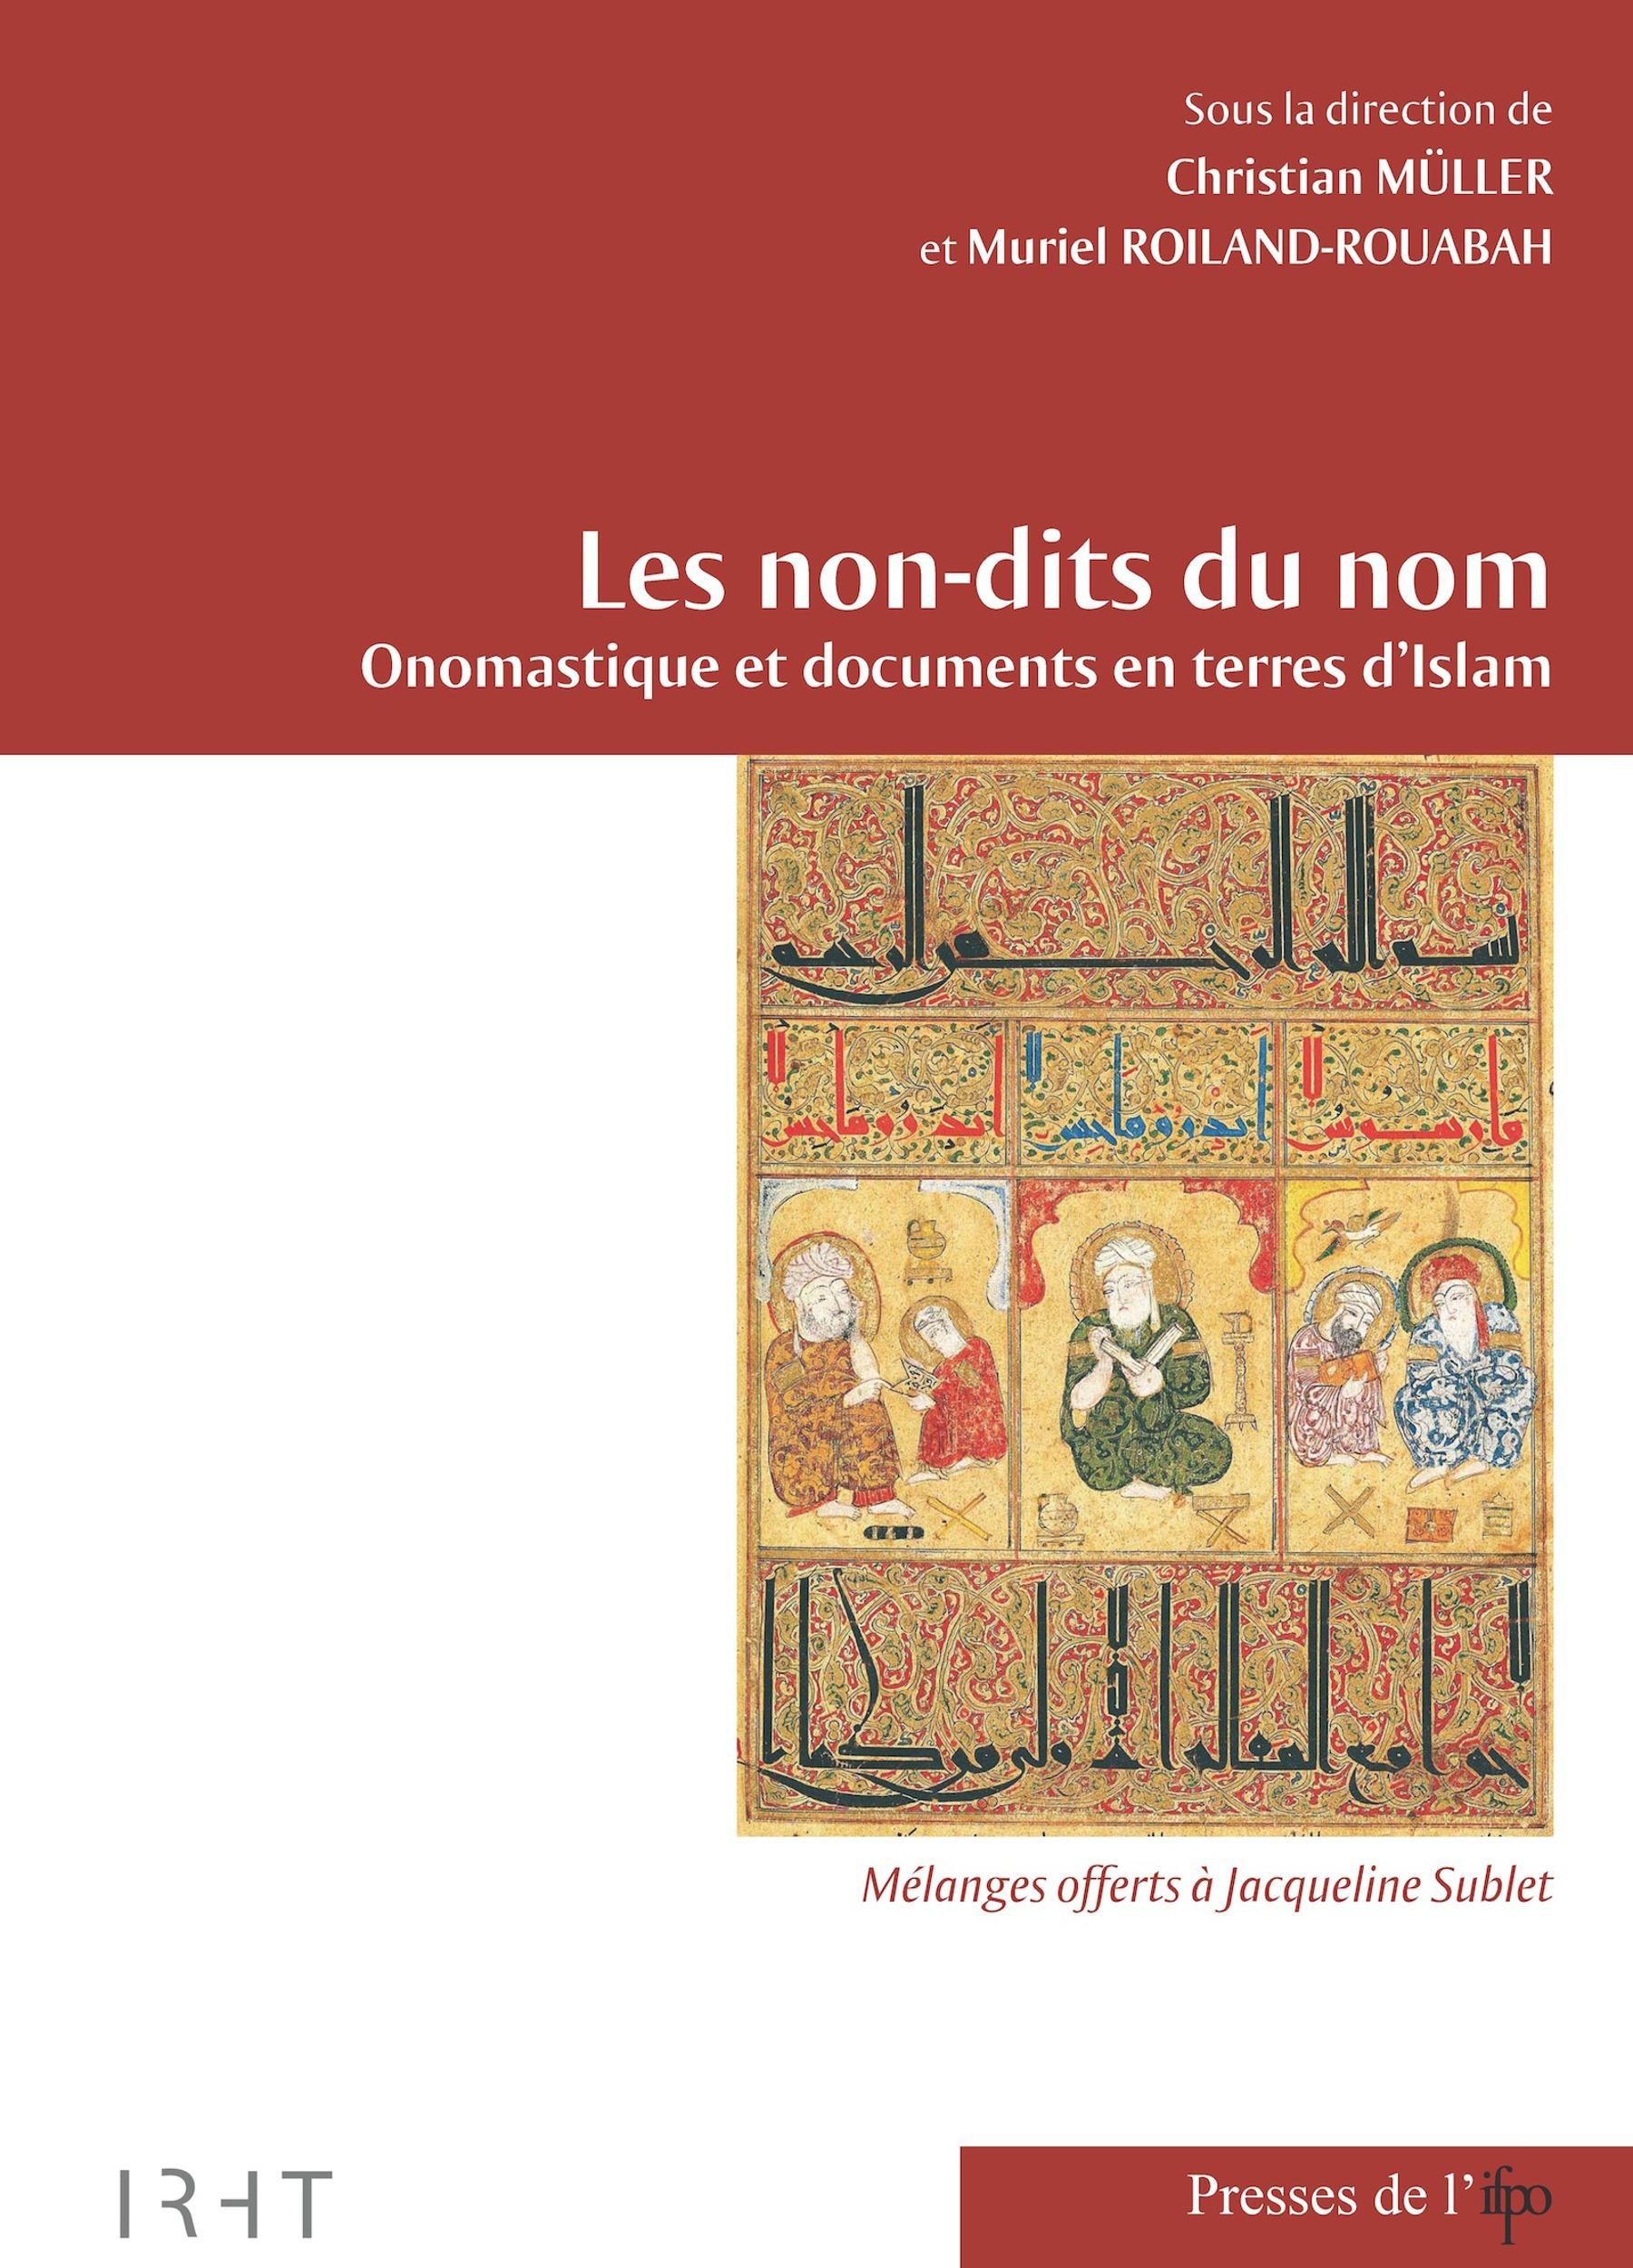 Les non-dits du nom. onomastique et documents en terre d'islam